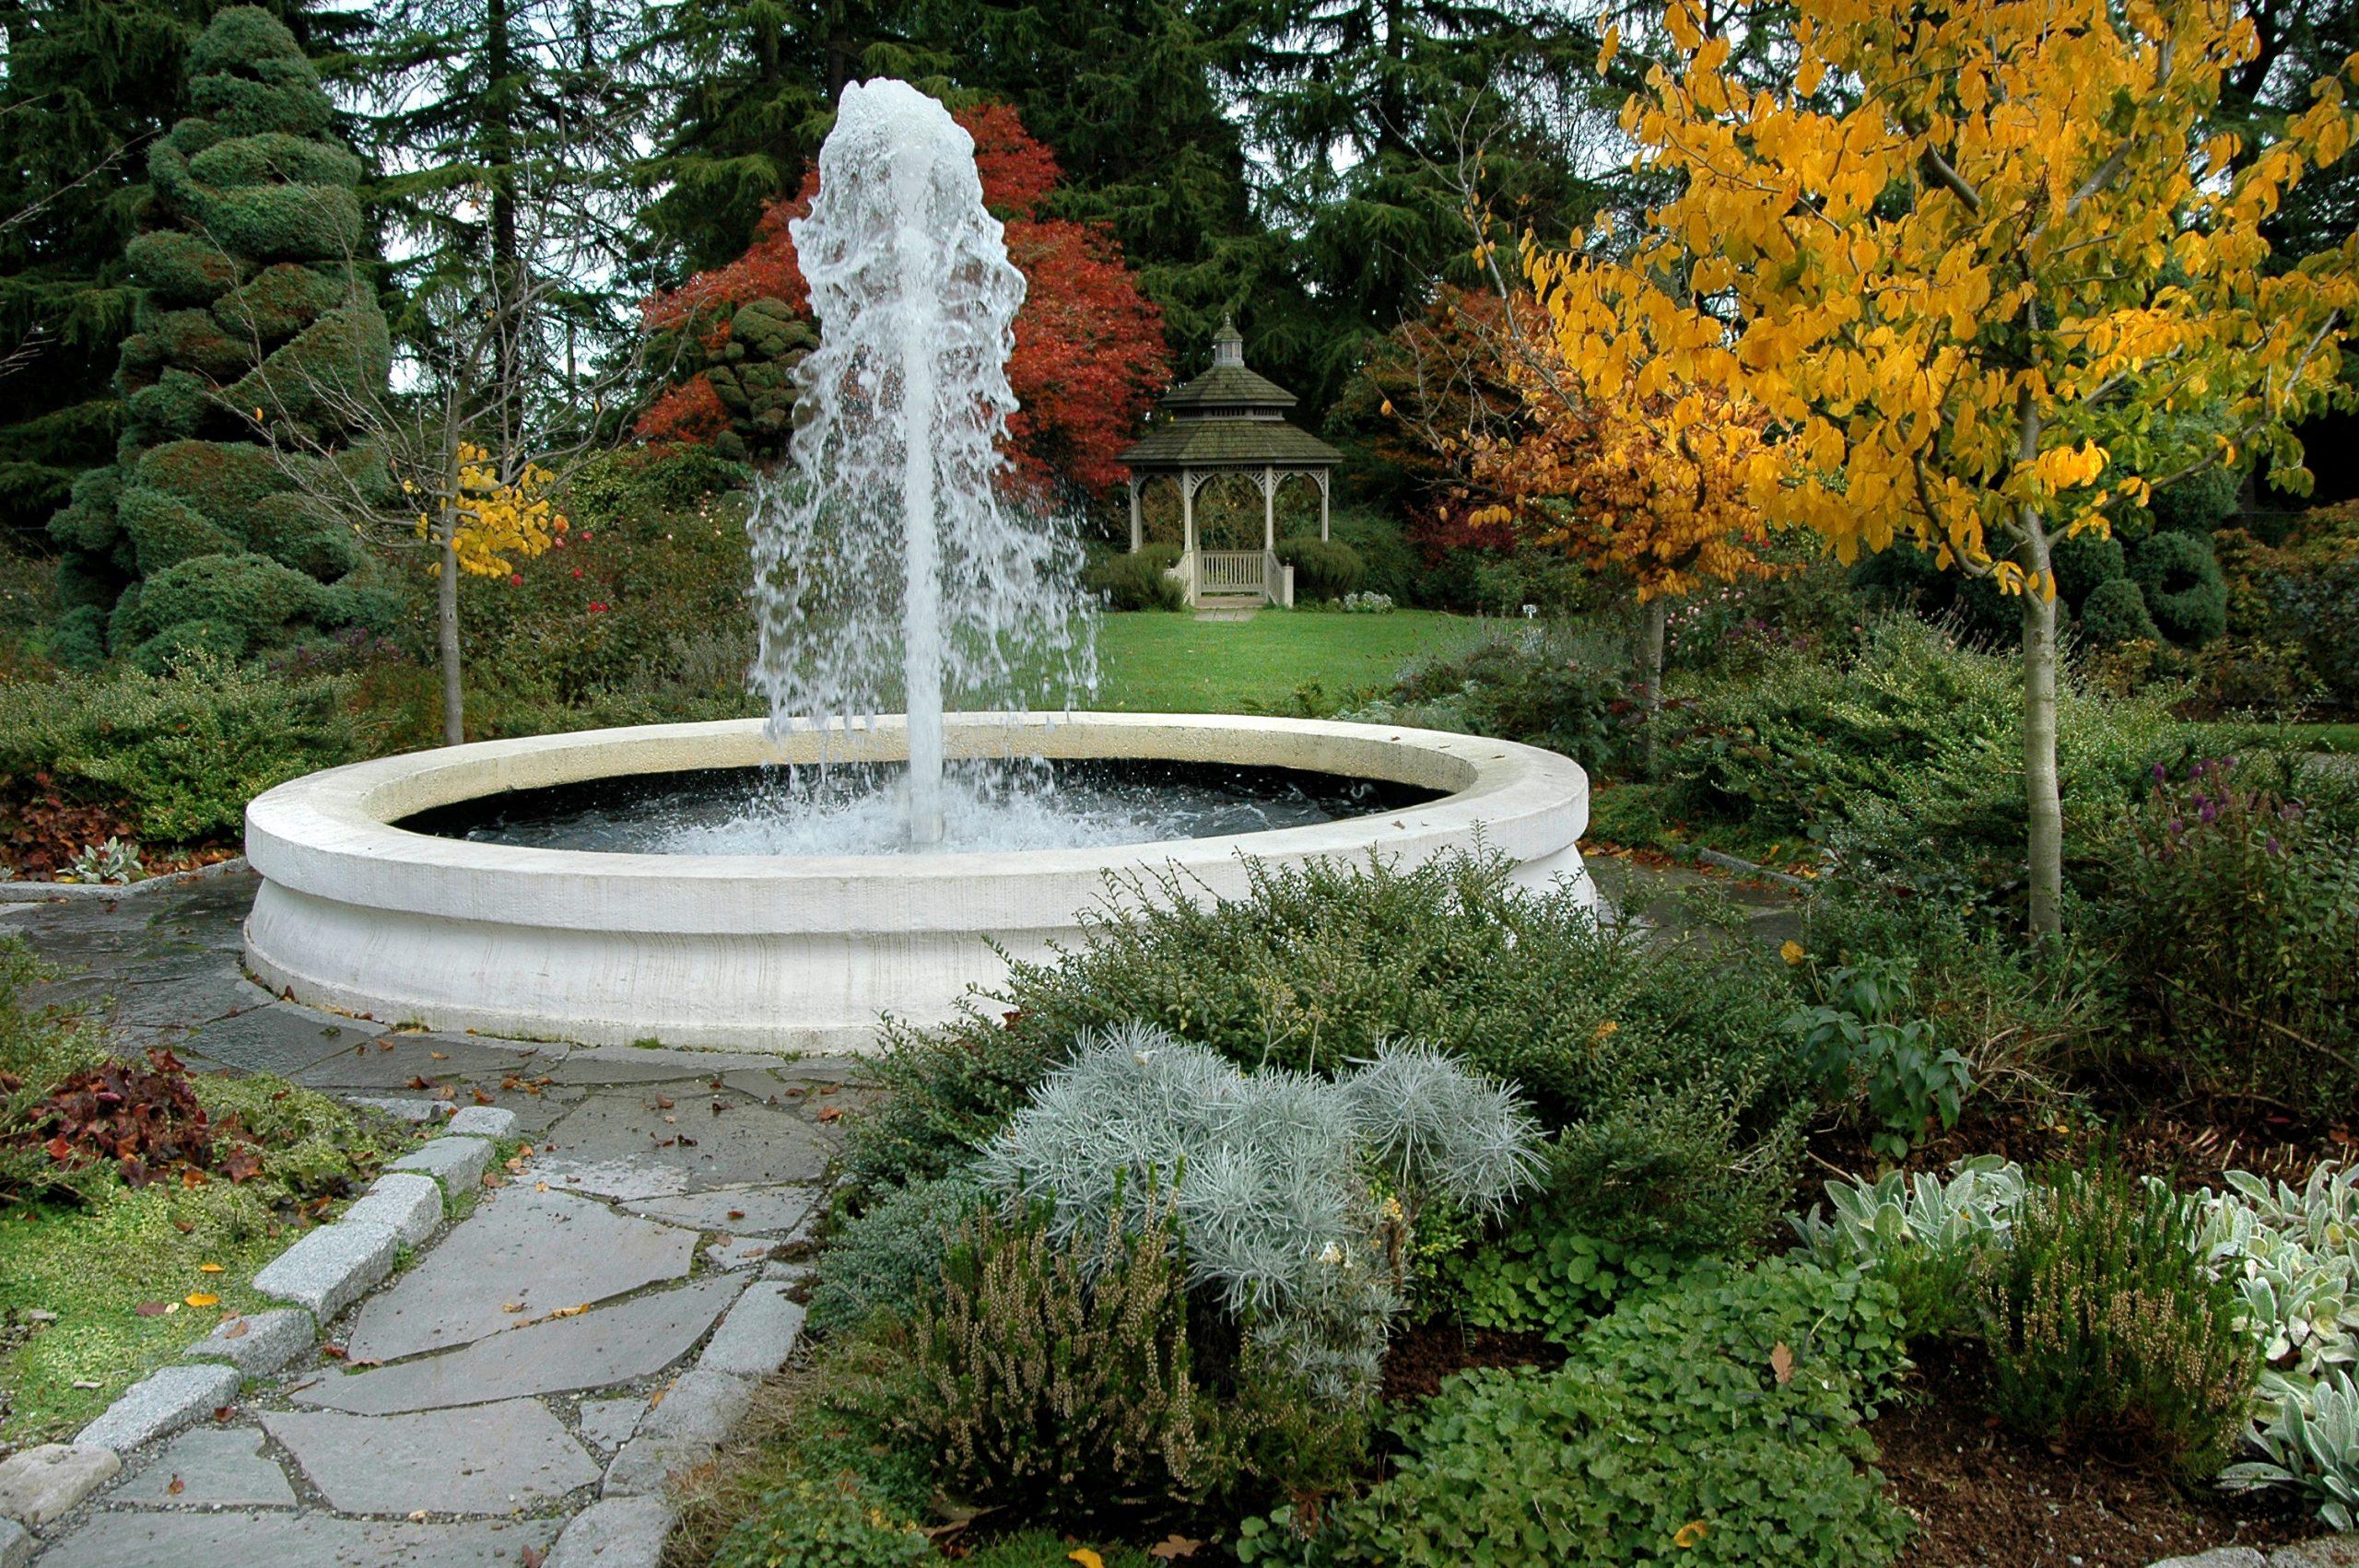 Conseils Bien Choisir Sa Fontaine De Jardin avec Fontaine Exterieure De Jardin